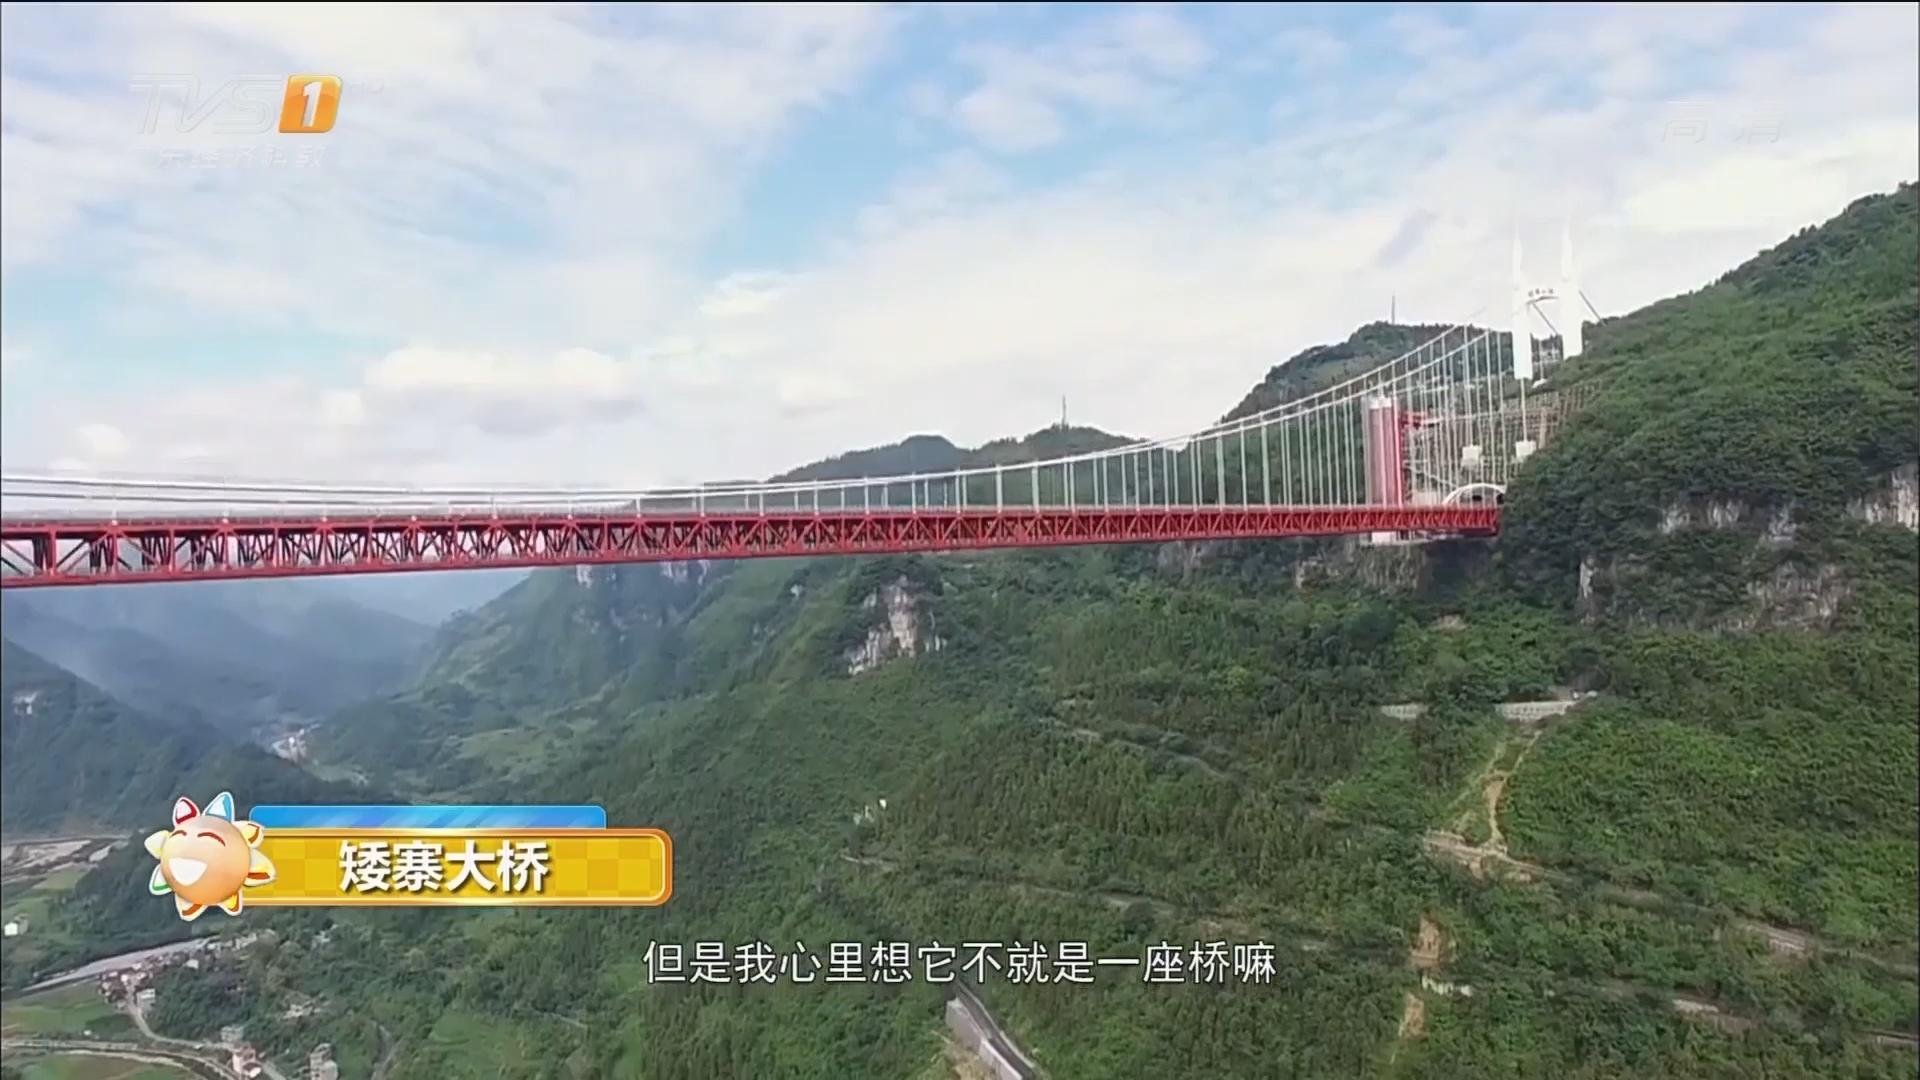 秘境湘西——矮寨大桥